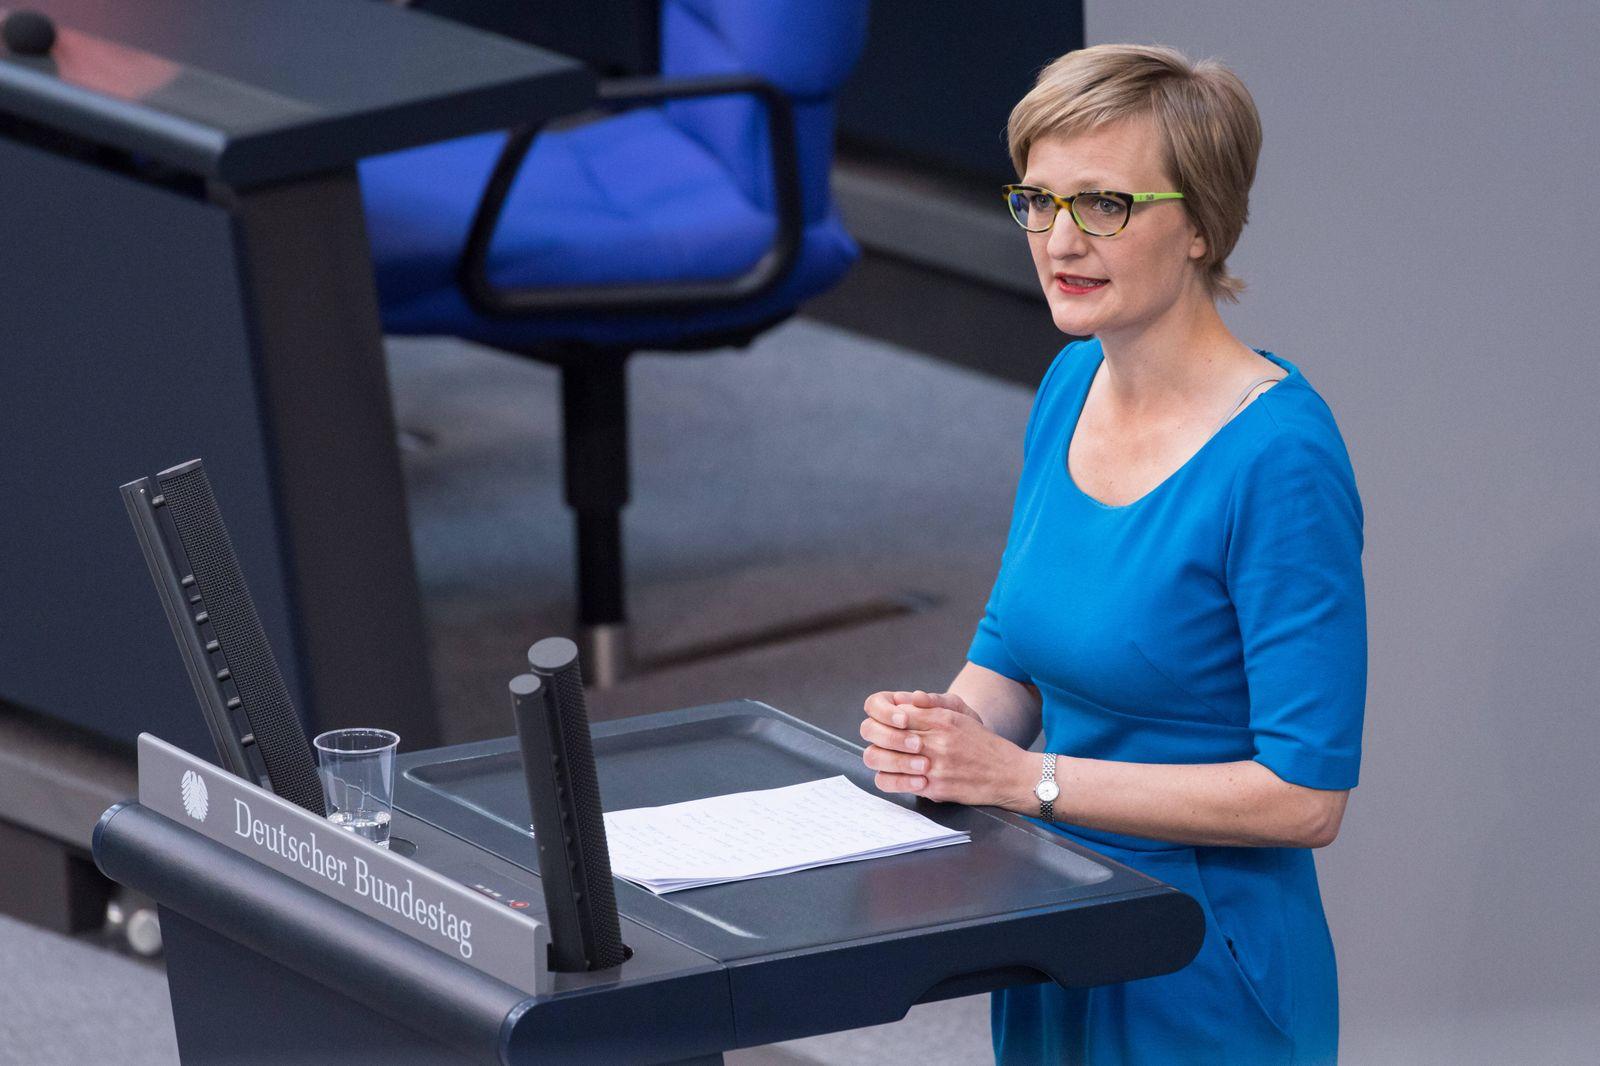 Berlin, Plenarsitzung im Bundestag Deutschland, Berlin - 07.05.2020: Im Bild ist Franziska Brantner (Bündnis 90/Die Grün